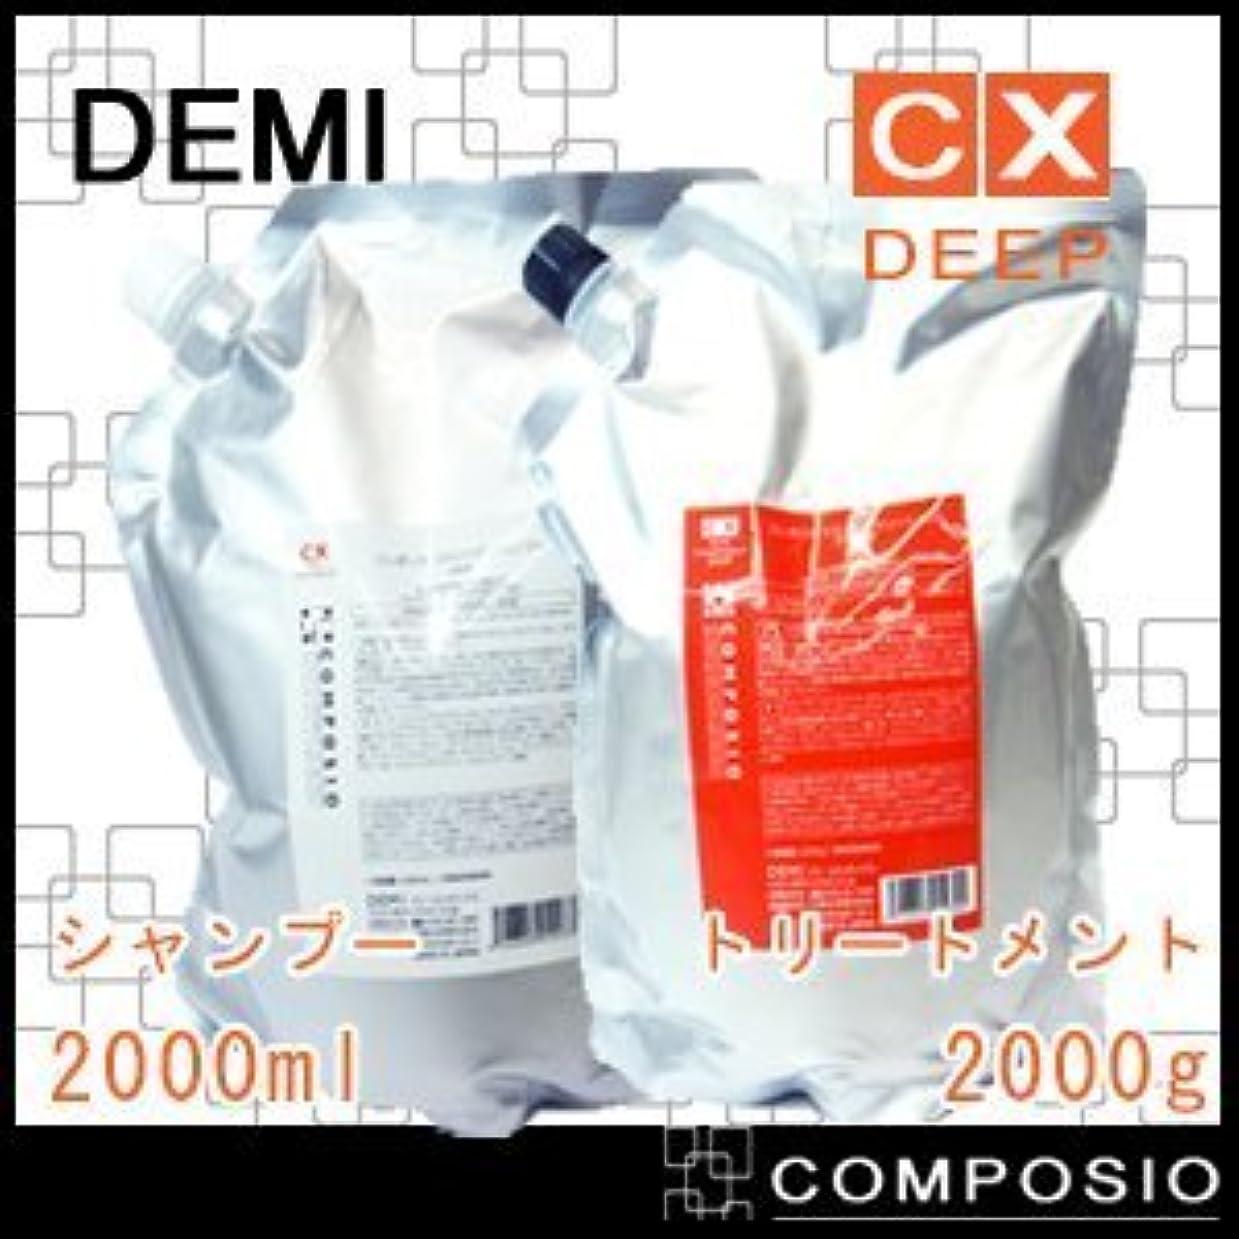 ひらめき軽全滅させるデミ コンポジオ CXリペアシャンプー&トリートメント ディープ 詰め替え 2000ml,2000g